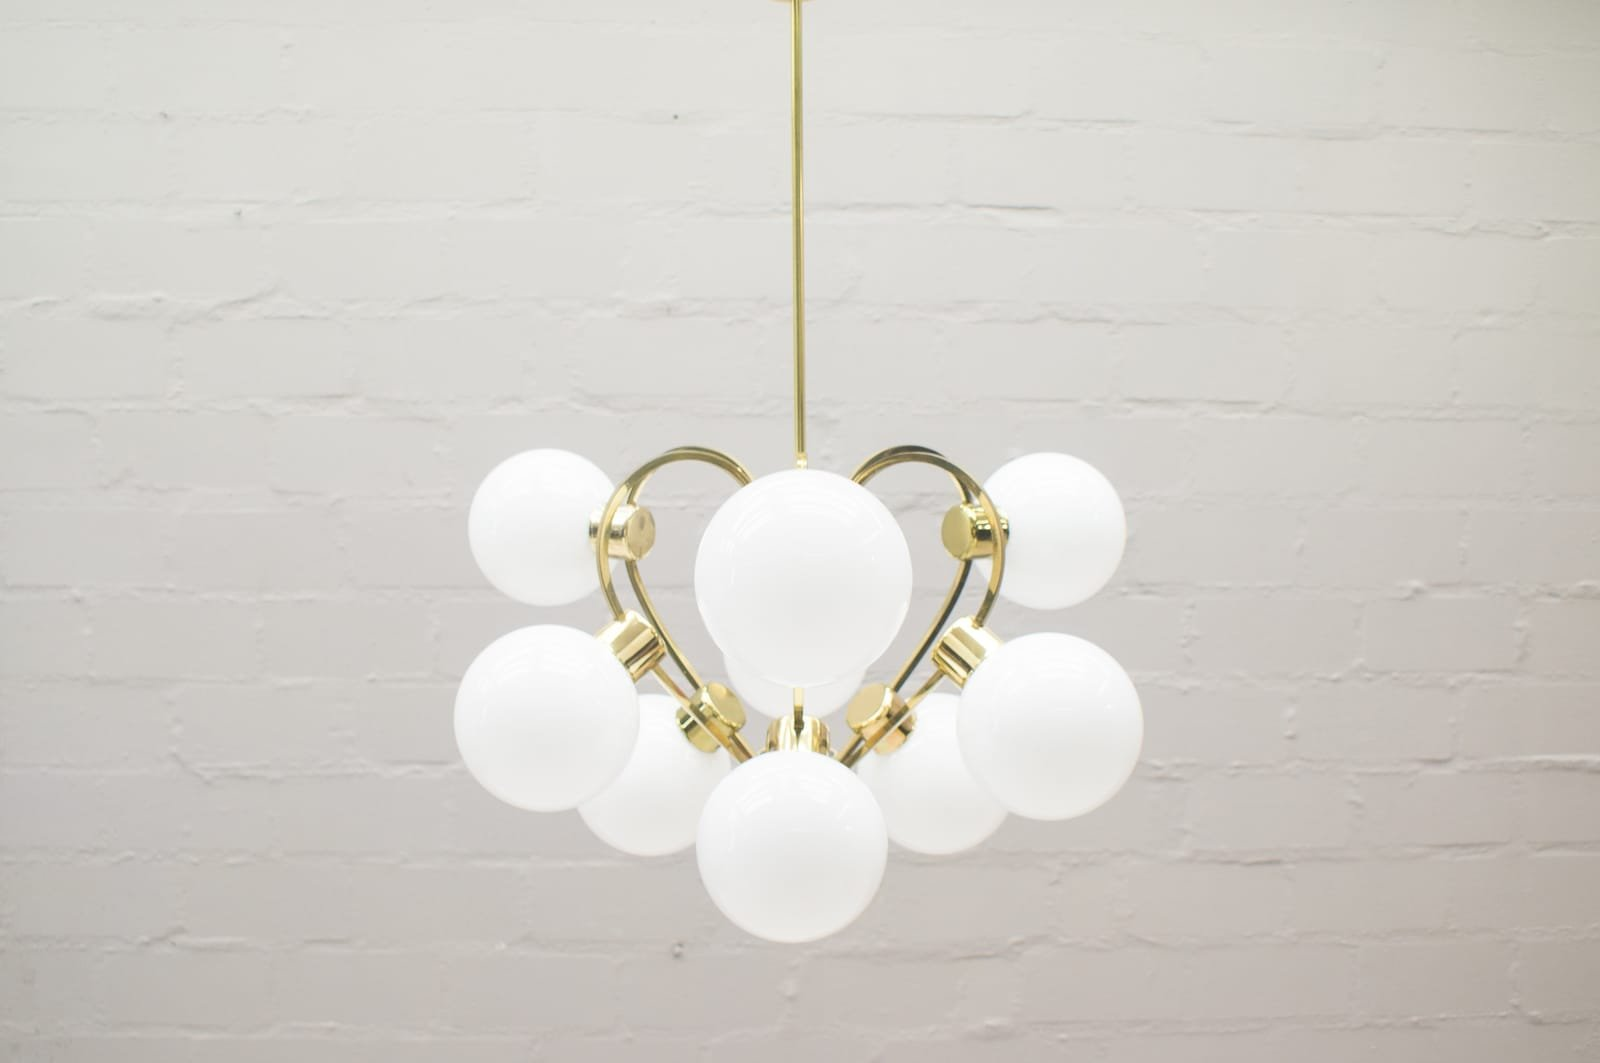 vintage lampe mit schirmen aus opalglas 1960er bei pamono kaufen. Black Bedroom Furniture Sets. Home Design Ideas